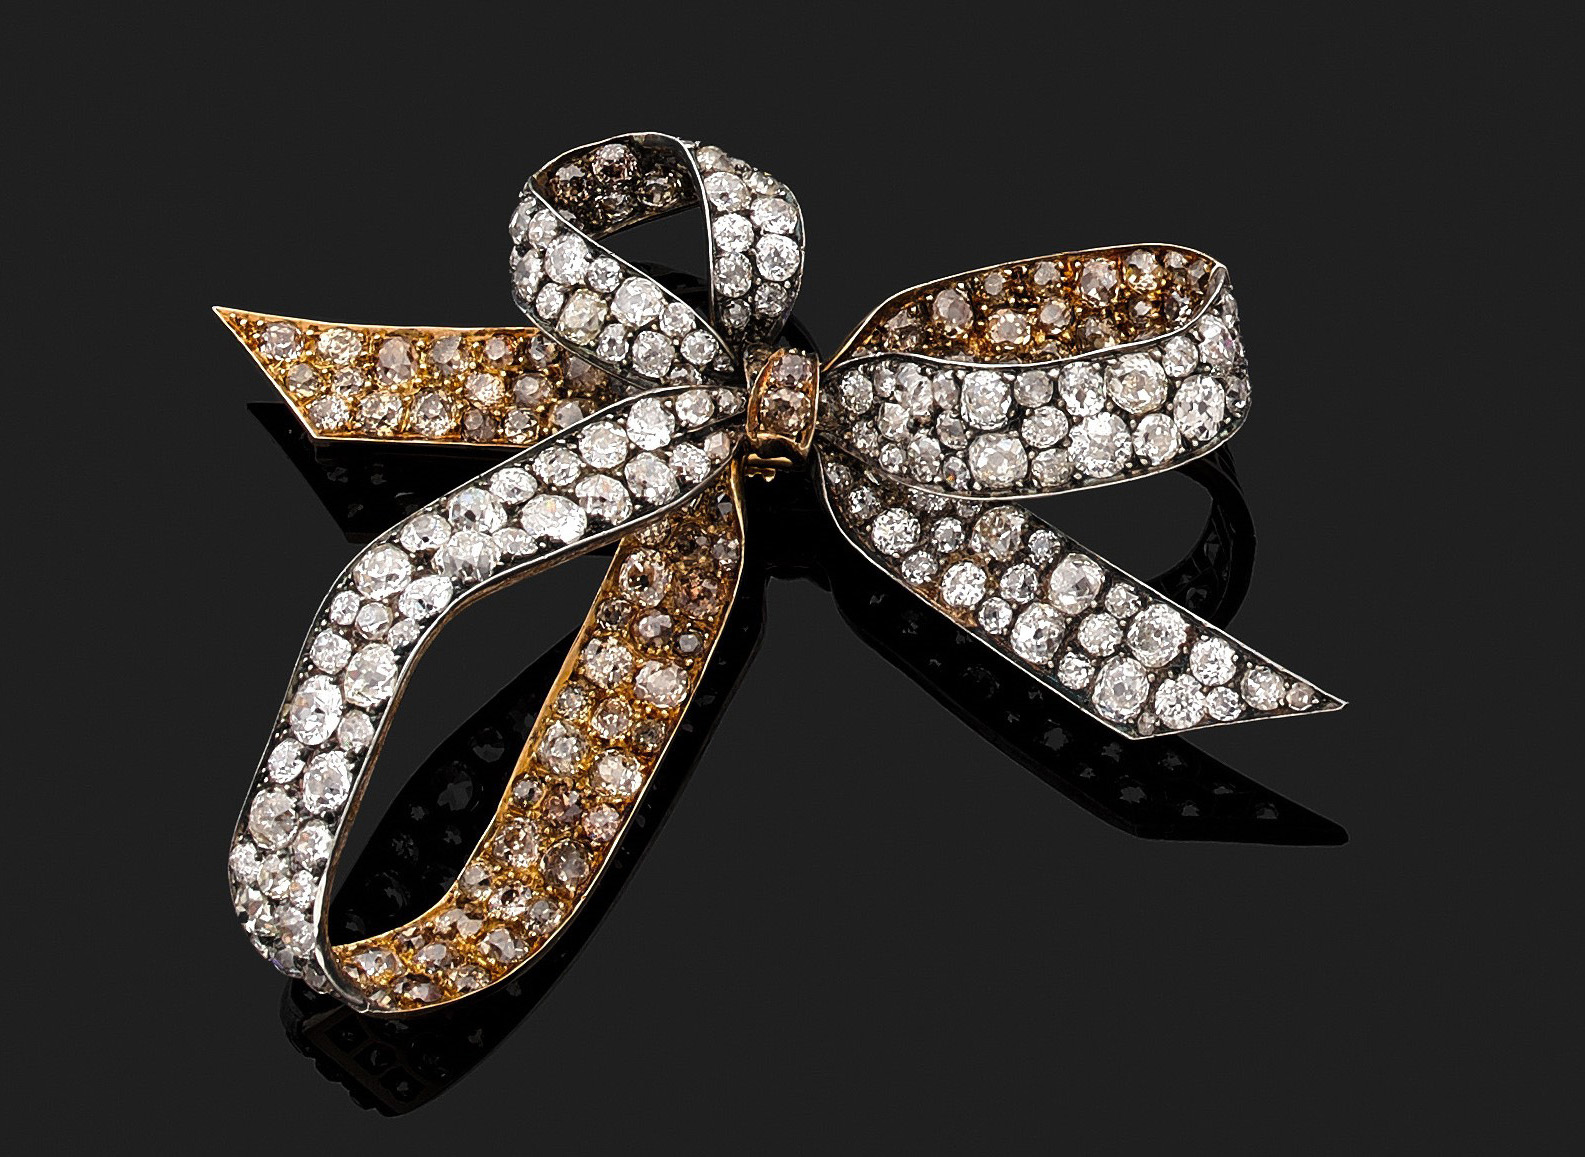 93750€René Lalique. Broche nœud à trois boucles en or 750millièmes et argent, pavée de diamants taille ancienne à épingle amovible, cir